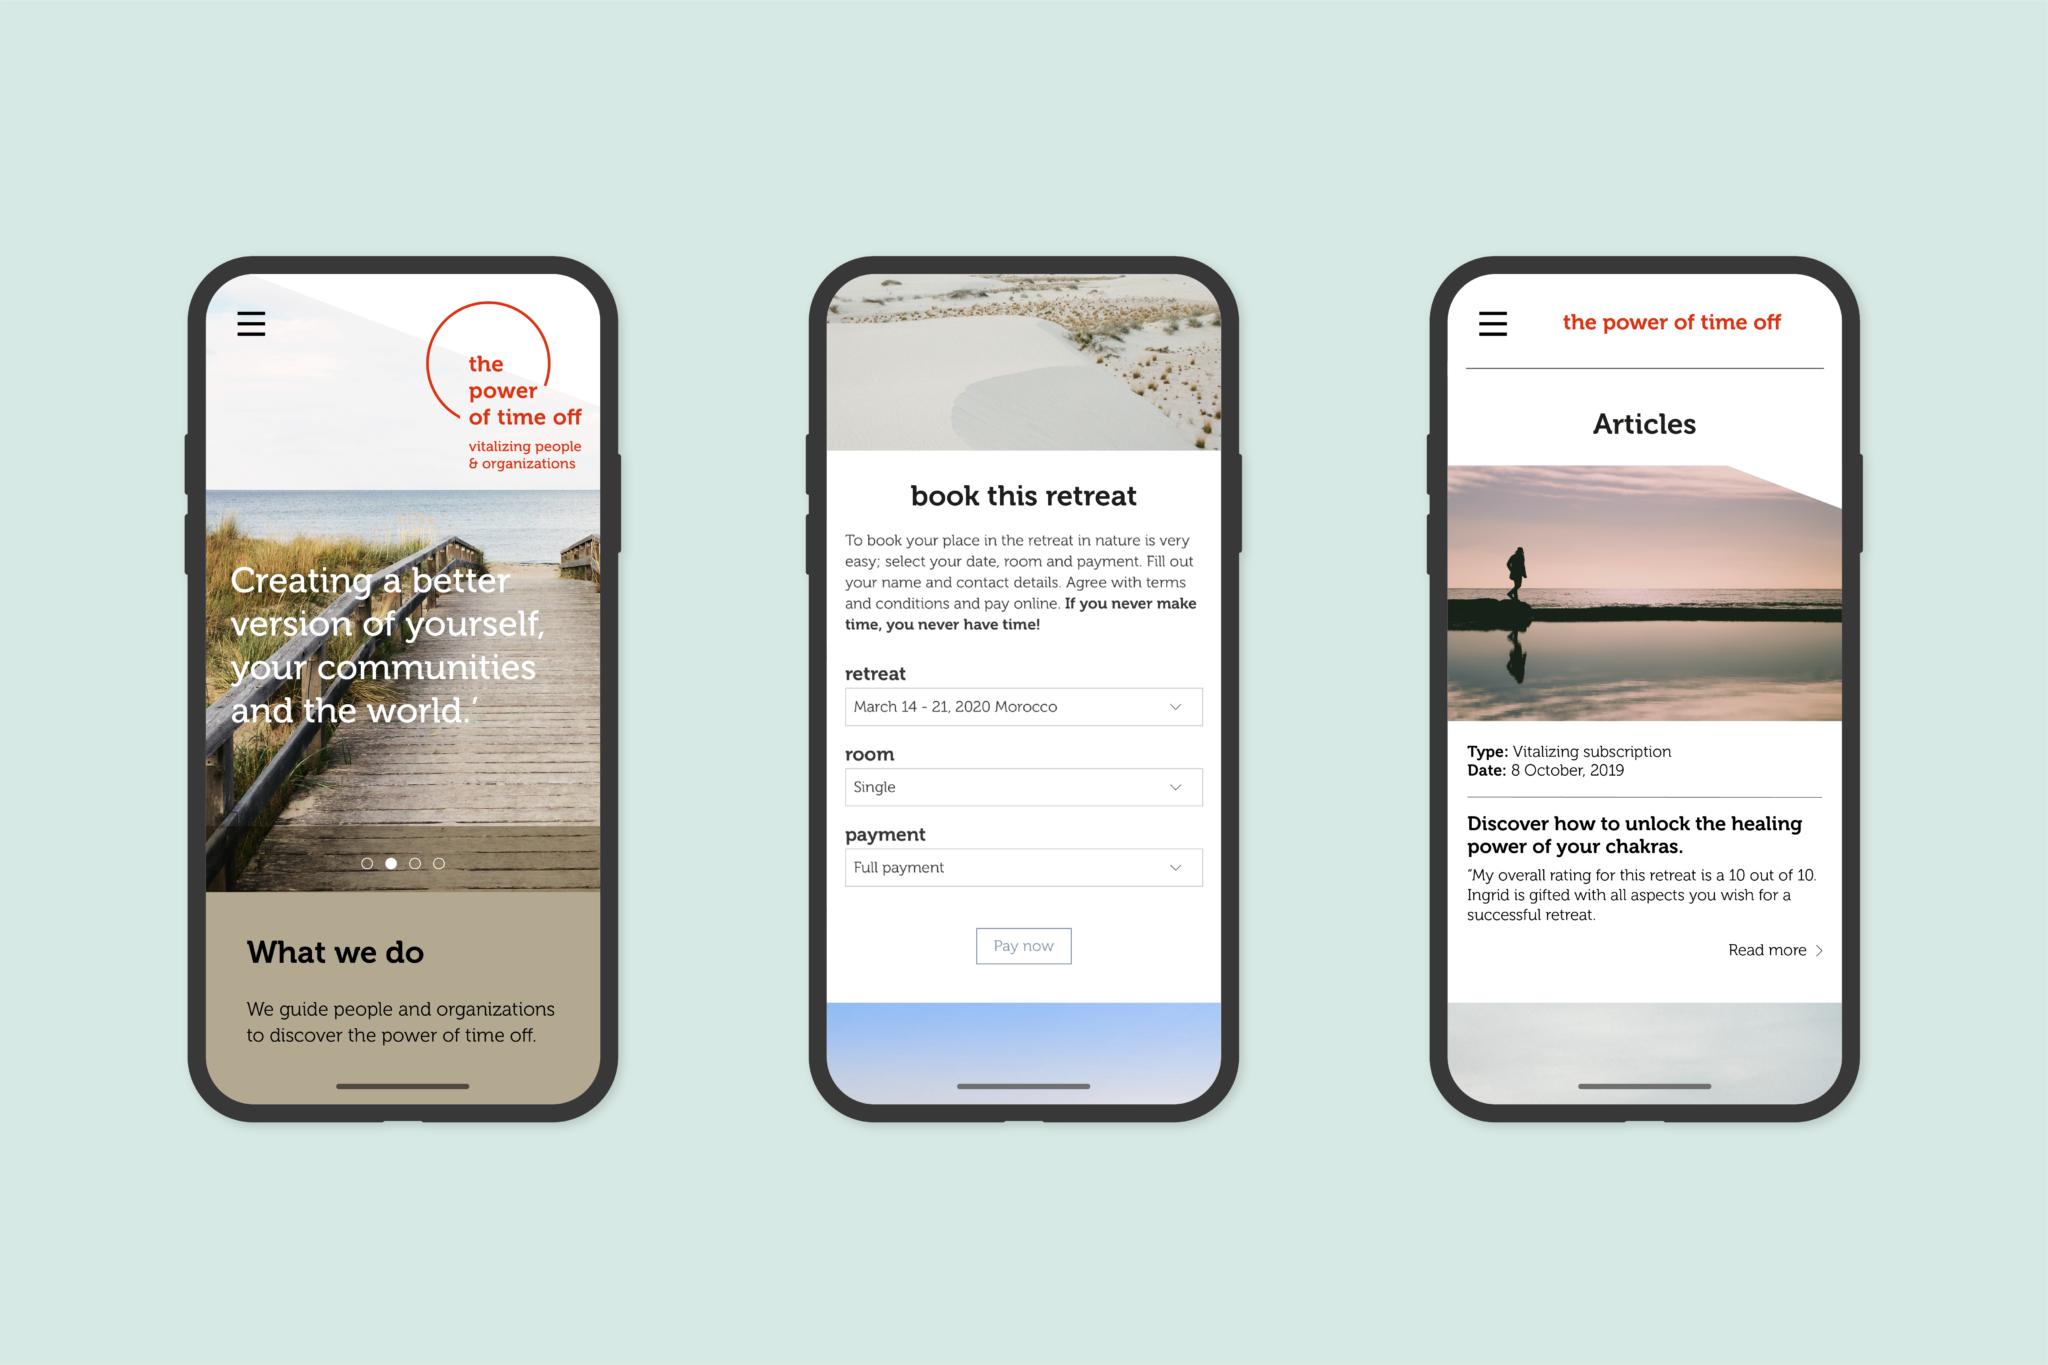 ThePowerOfTimeOff smartphone website